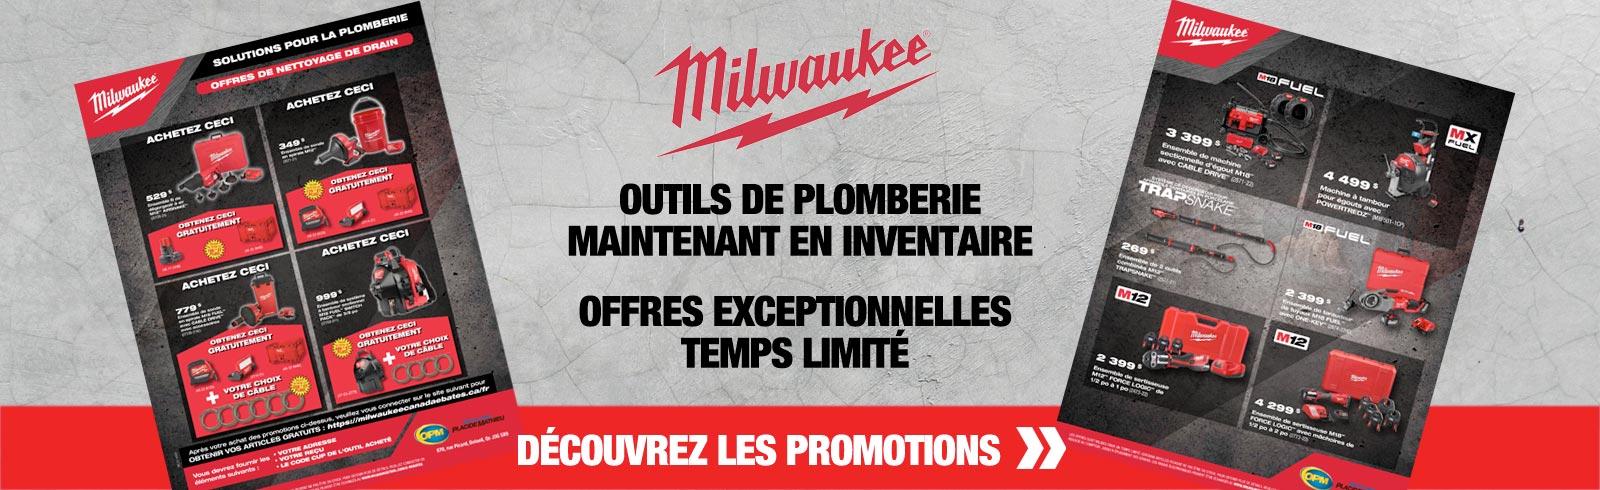 Offres exceptionnelles sur les outils de plomberie de Milwaukee